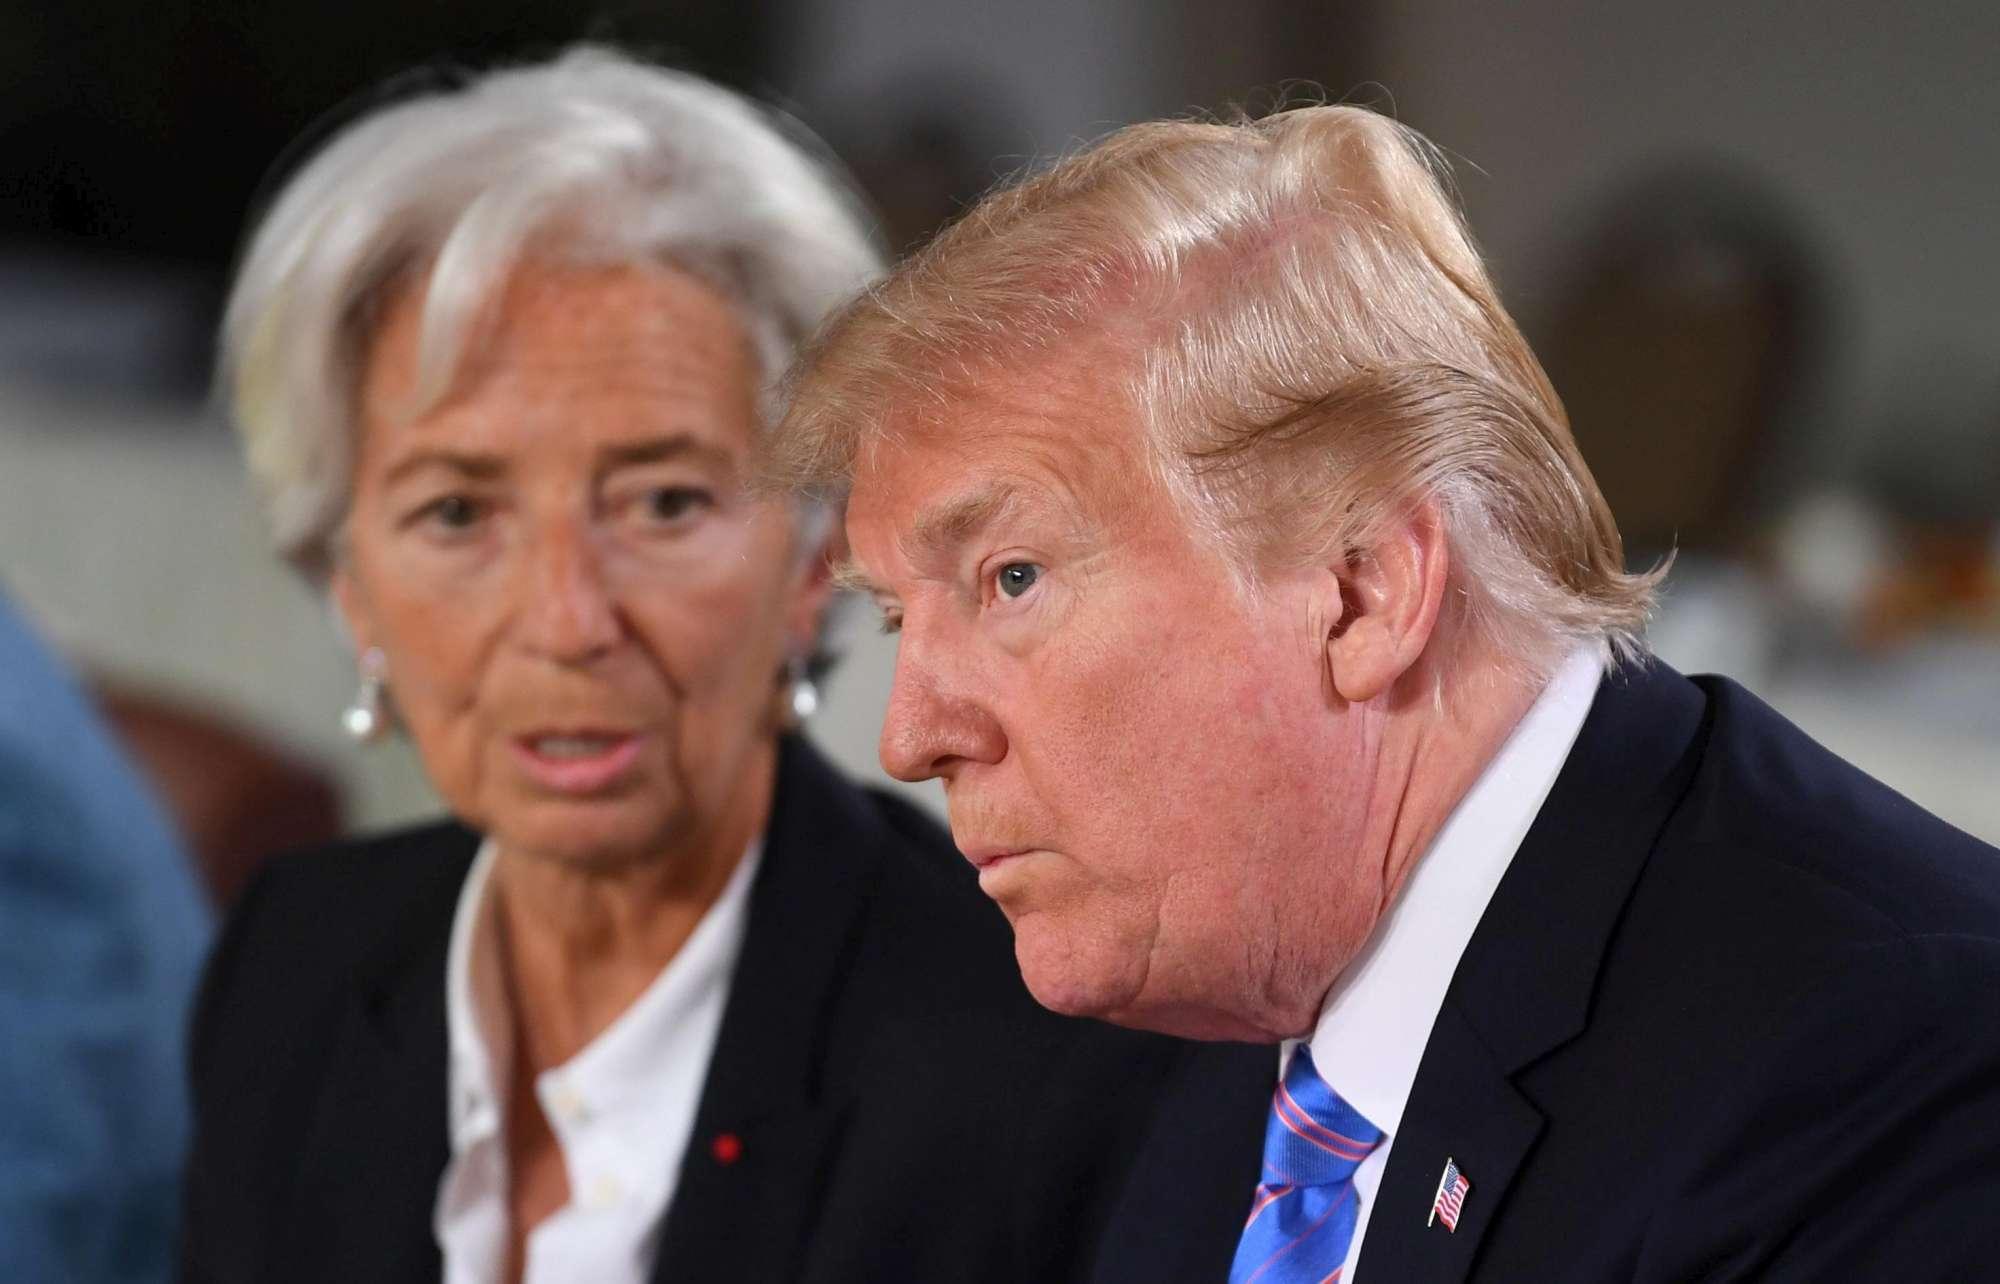 G7, i grandi del mondo a confronto per trovare un accordo